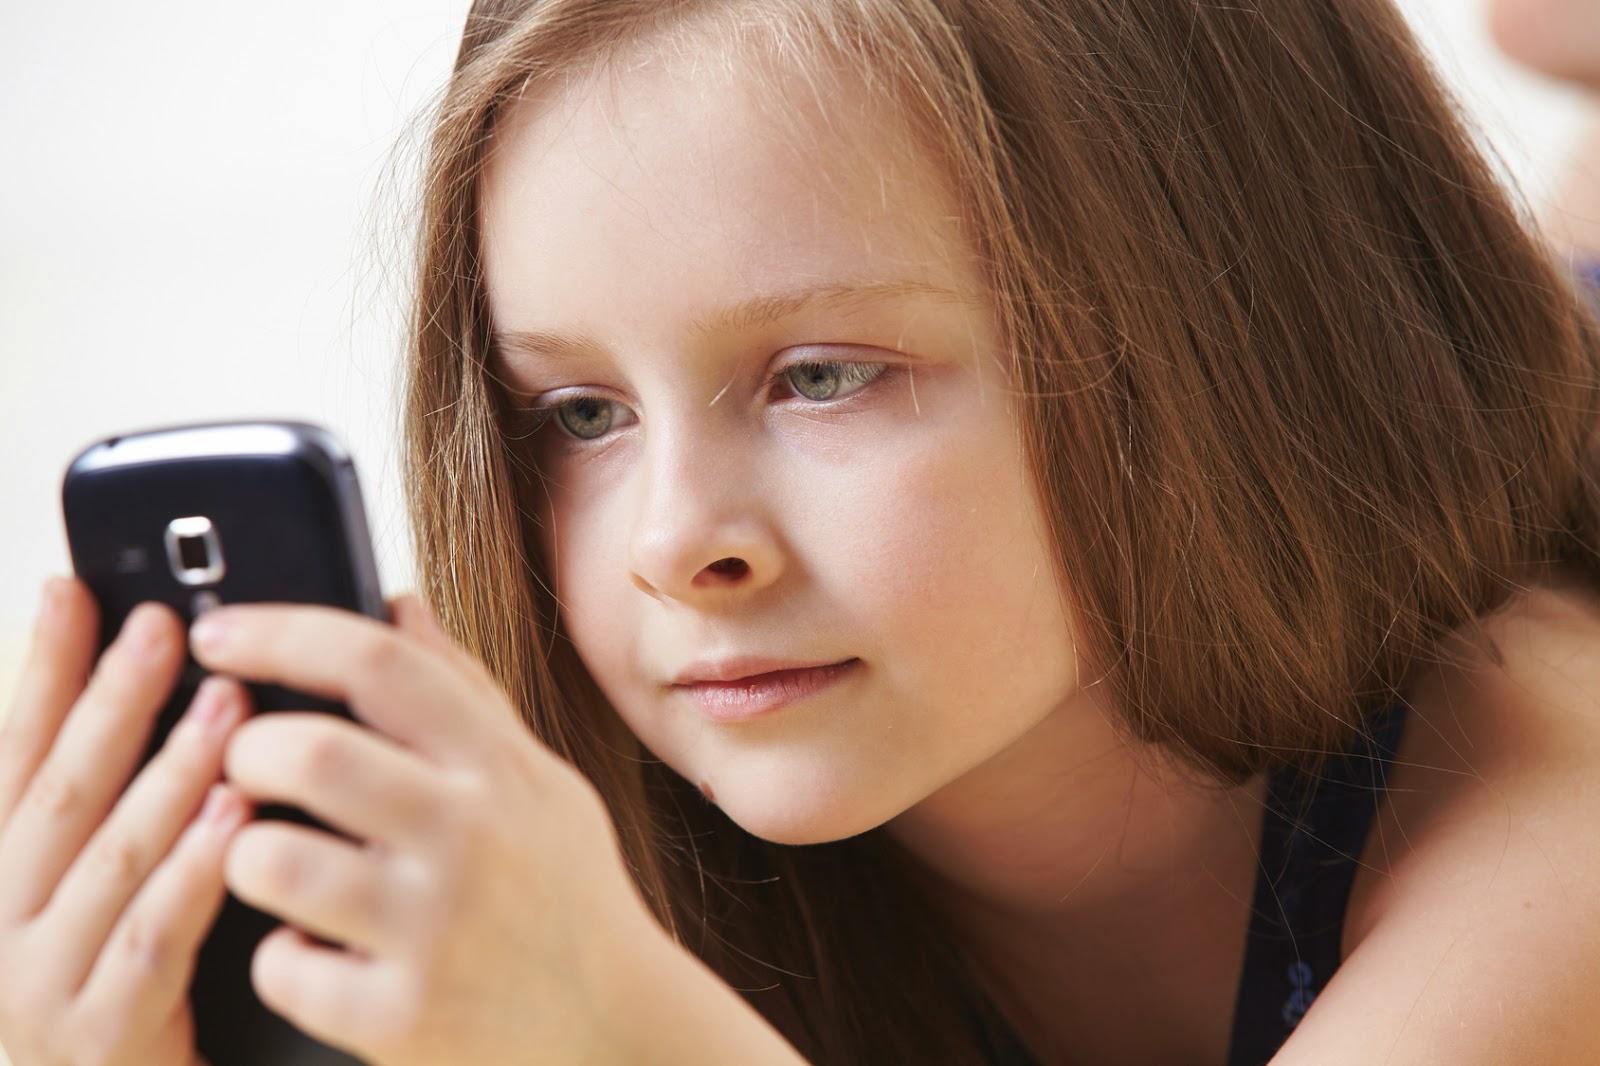 Влияние гаджетов на ребенка: мнение специалиста - фото №2